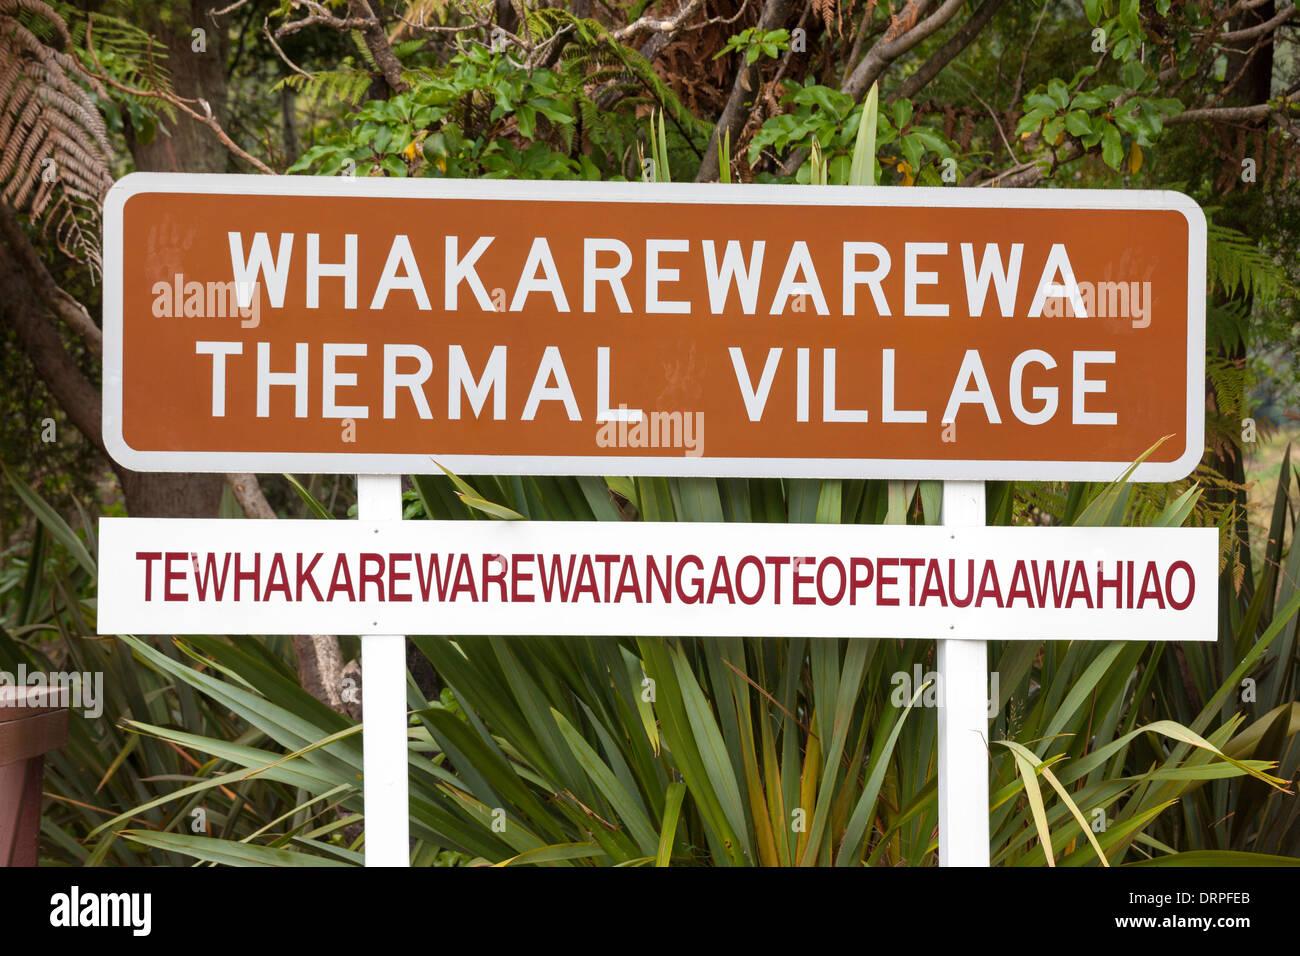 Rotorua Whakarewarewa Thermal Village segno con la lunga originale nome Maori sotto: Tewhakarewarewatangaoteopetauaawahiao Immagini Stock